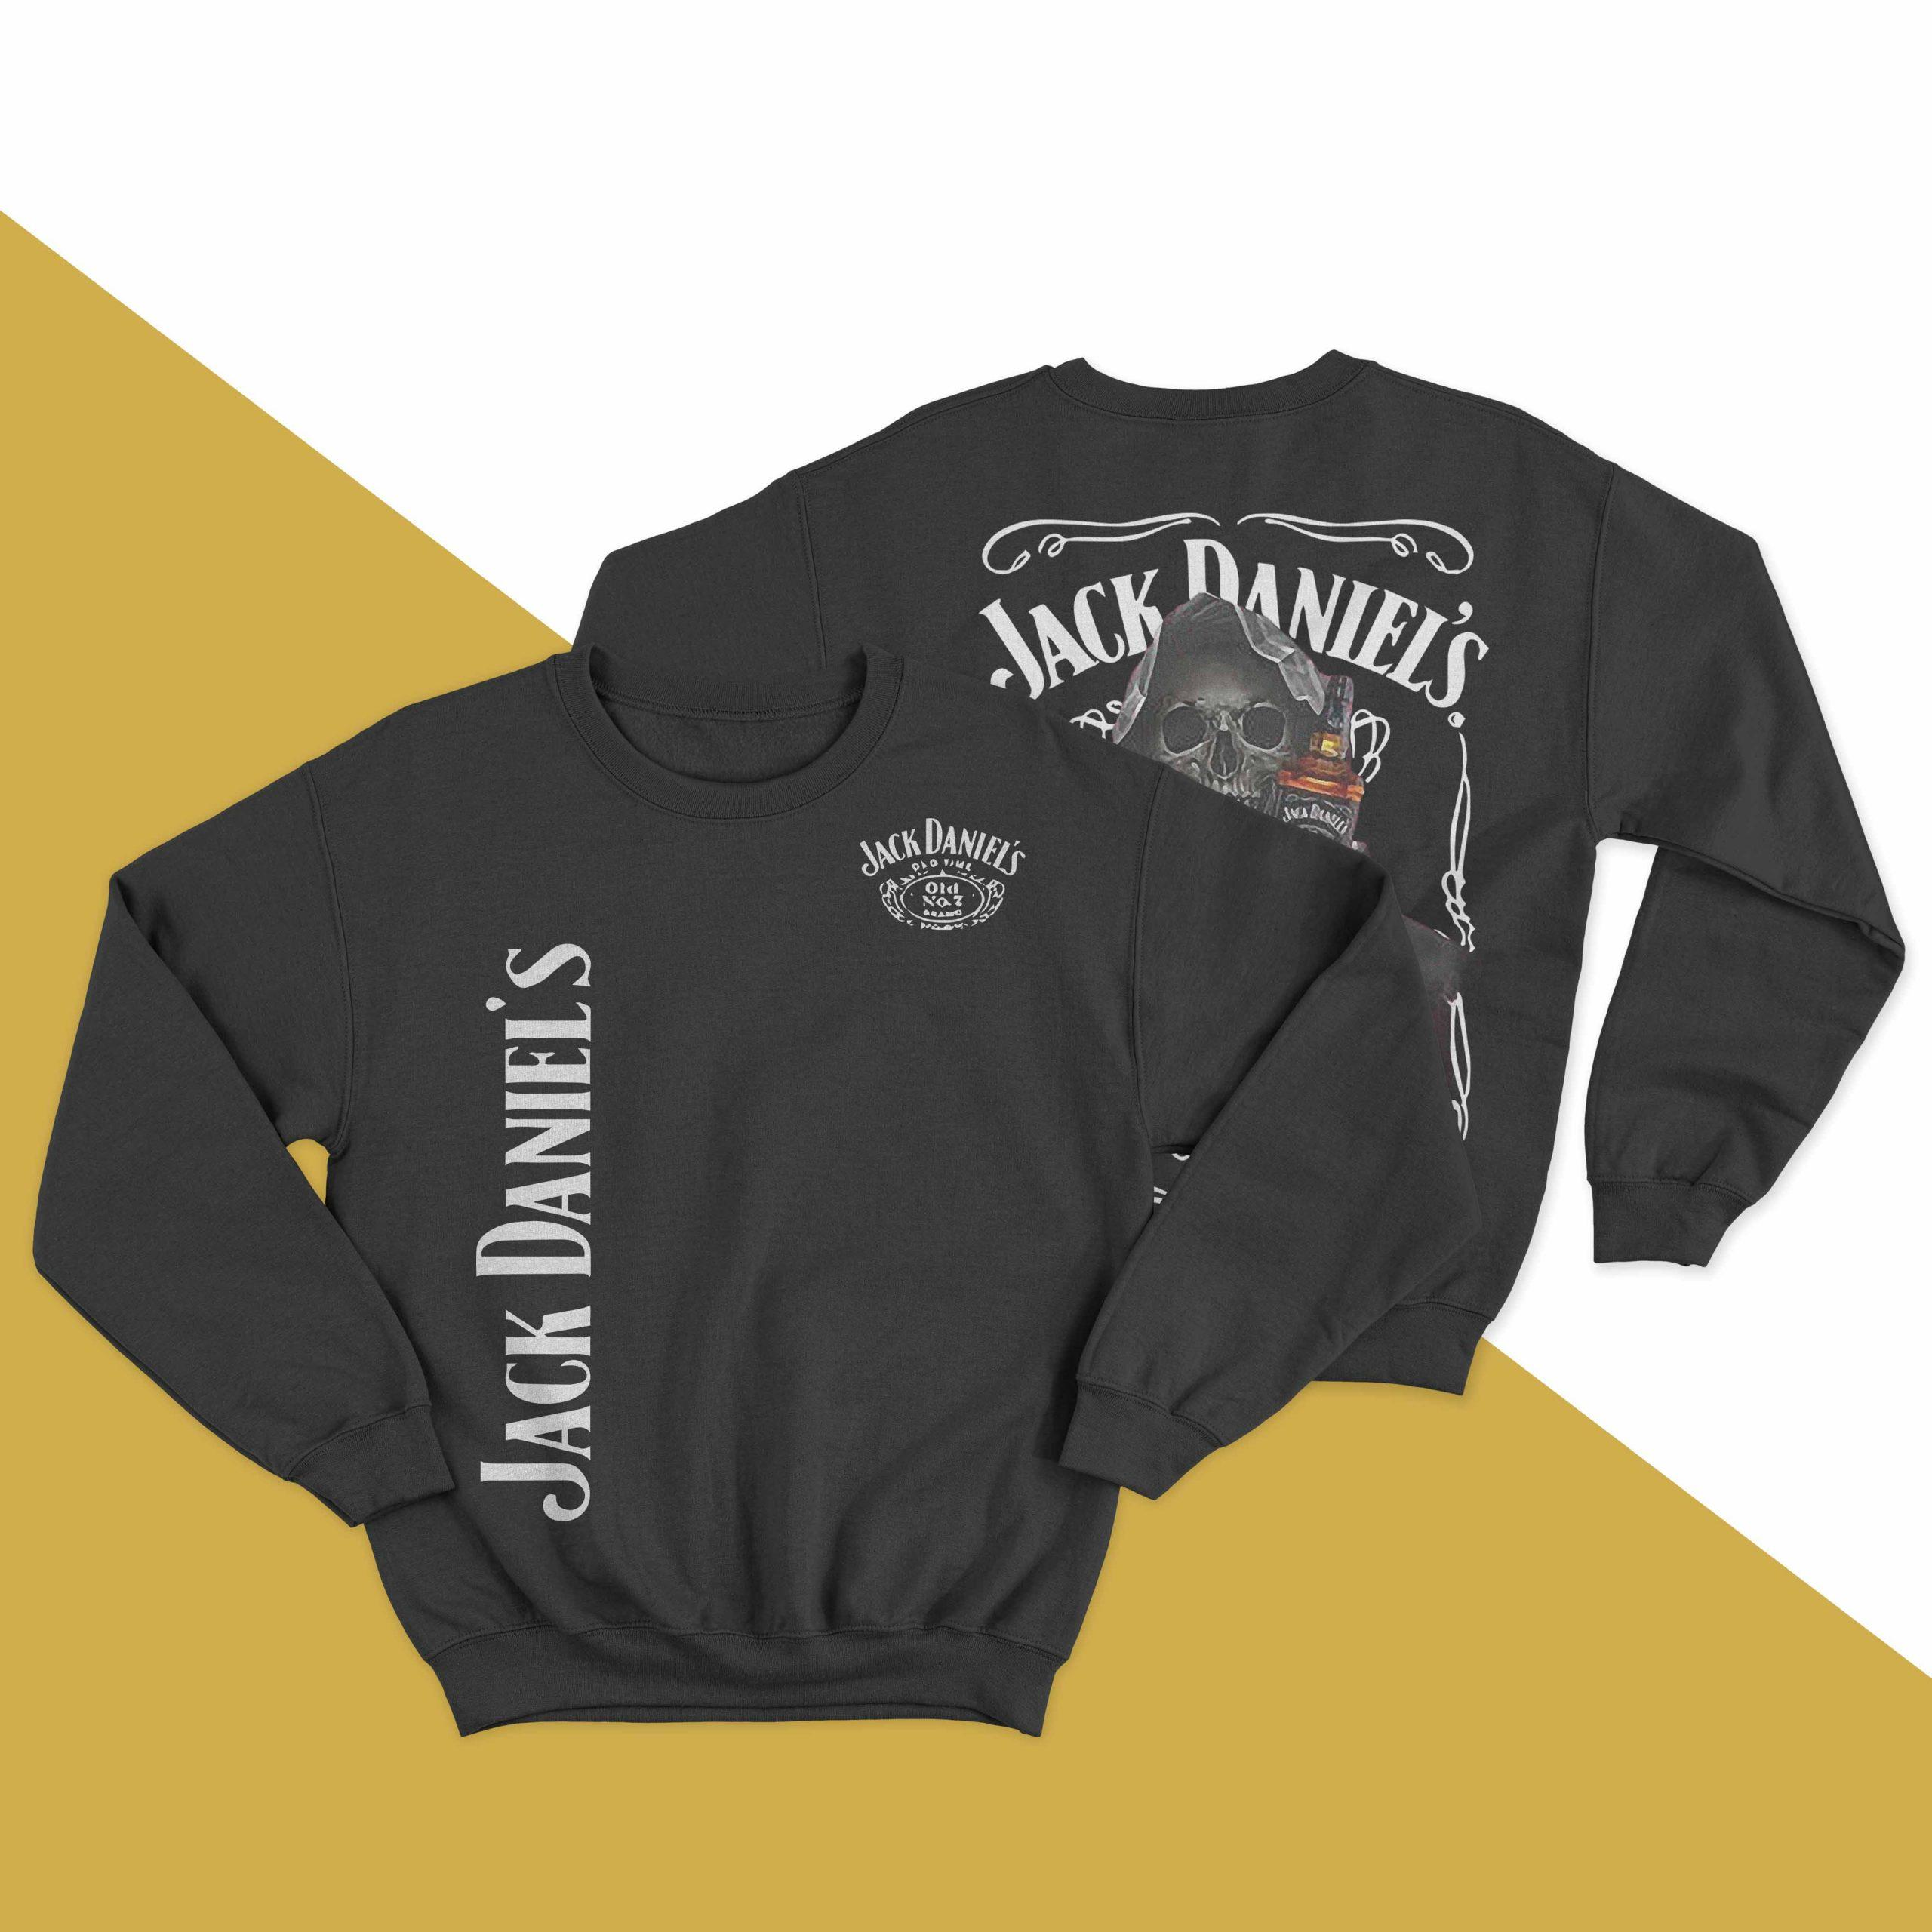 Death Jack Daniel's Longsleeve